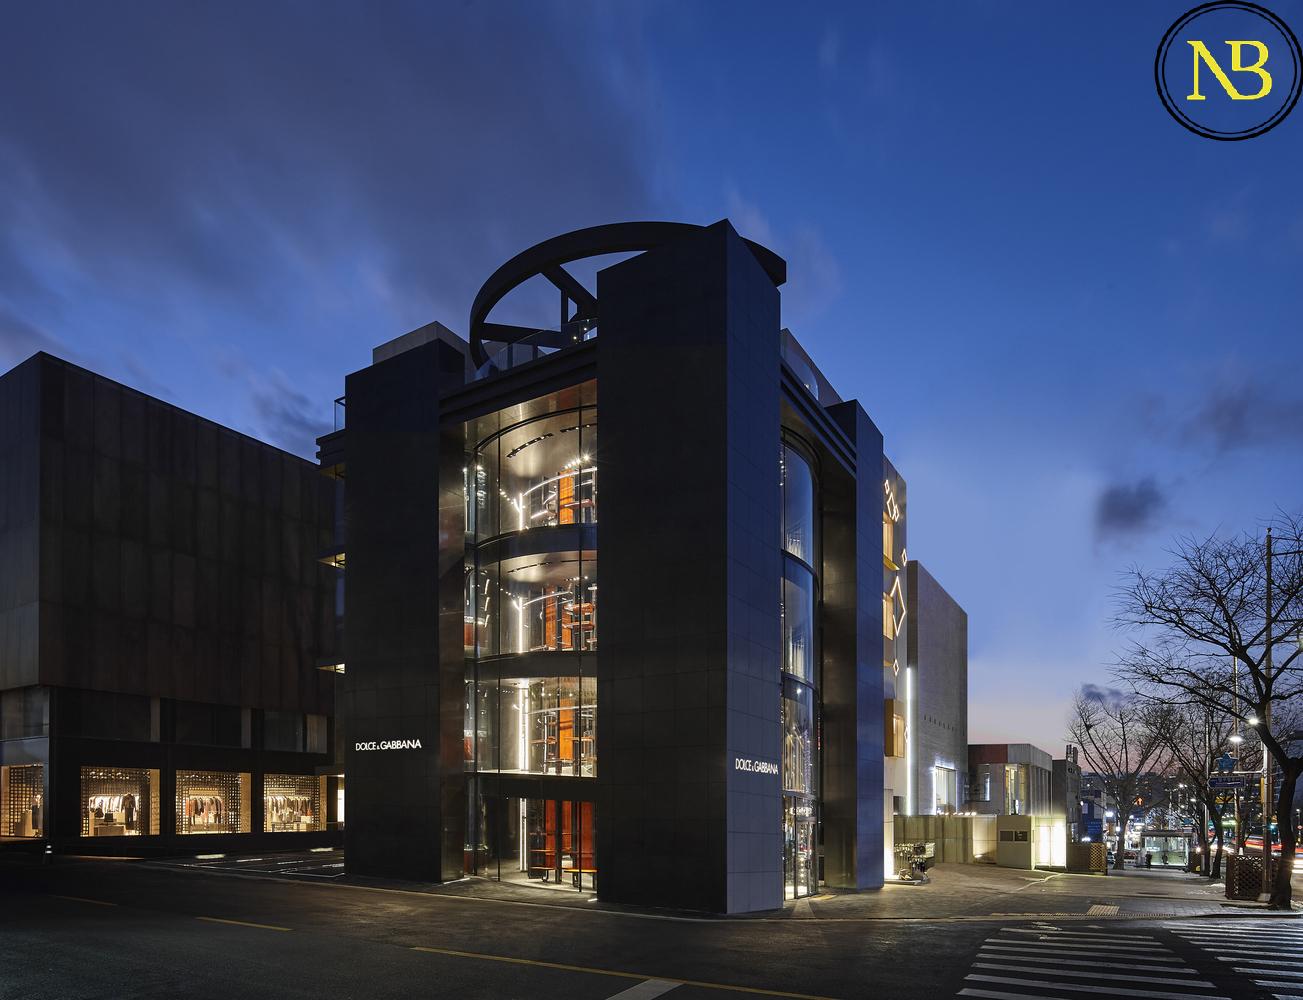 اخبار معماری، معرفی فروشگاهی در سئول